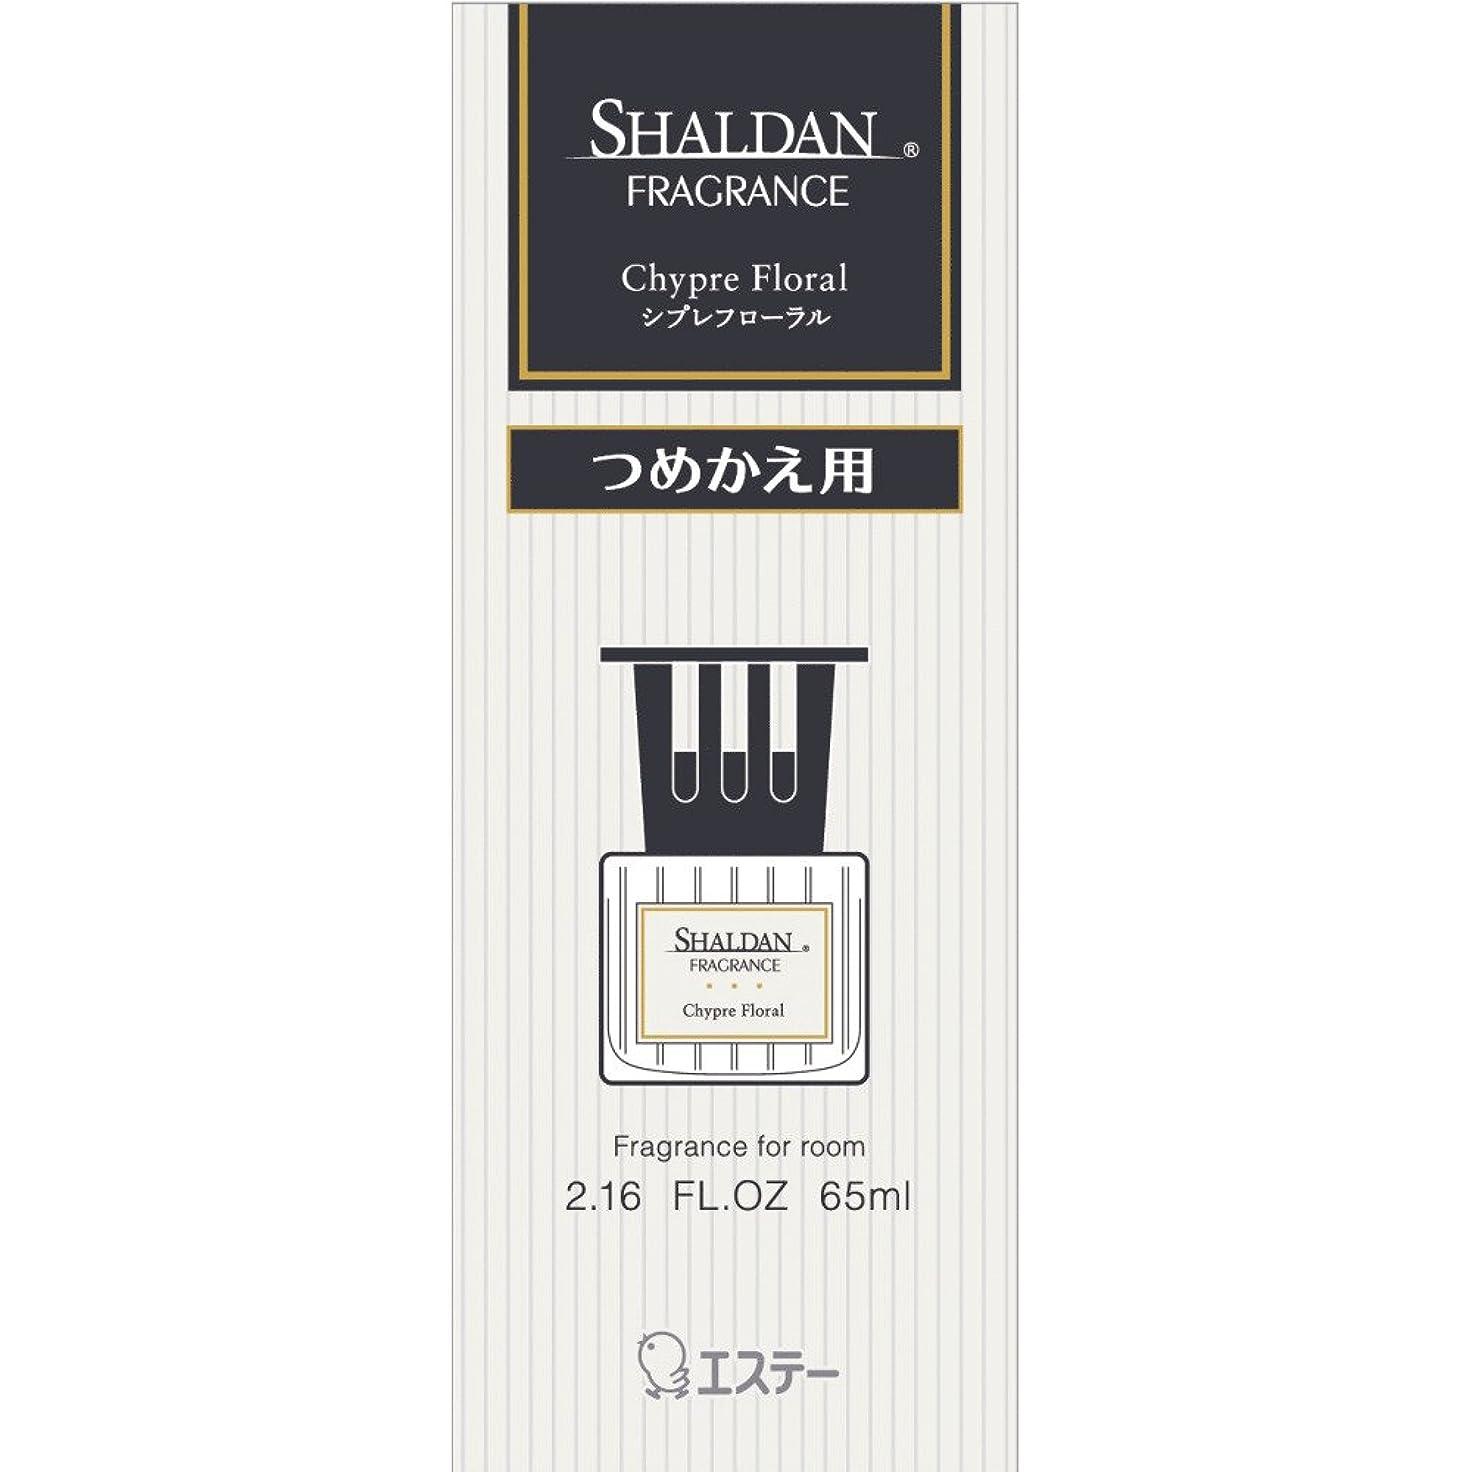 華氏ミニチュア偽物シャルダン SHALDAN フレグランス 消臭芳香剤 部屋用 つめかえ シプレフローラル 65ml